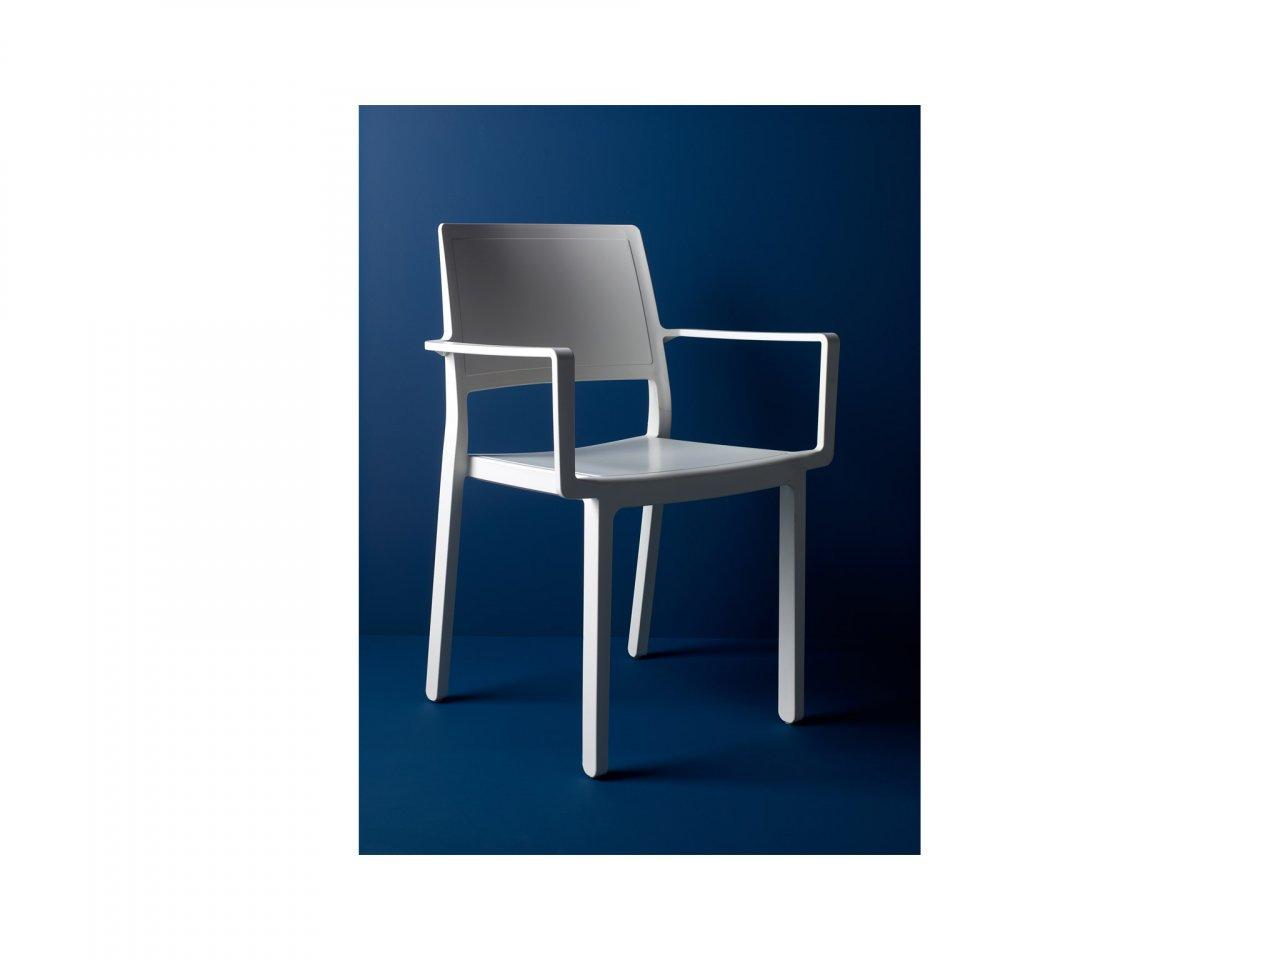 Sedia Con Braccioli Kate - v10